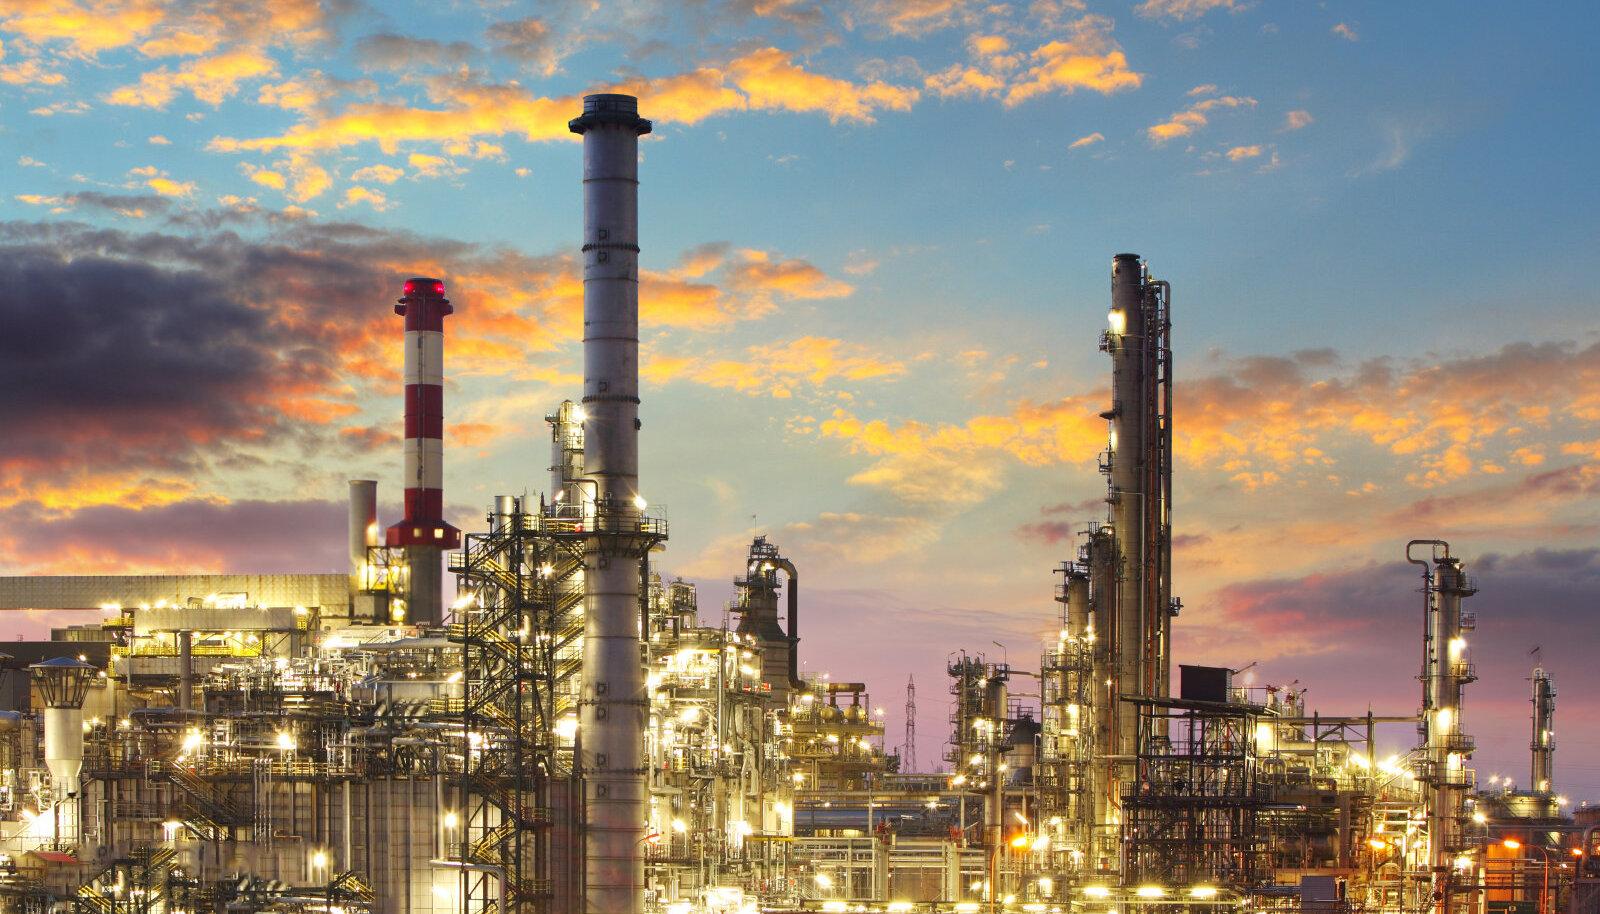 Põlevkivitööstus on Eesti keemiatööstuse lipulaev ning kui see hävitada, siis kahaneb üks kõrgeima lisandväärtusega tööstussektoreid Eestis pea olematuks.